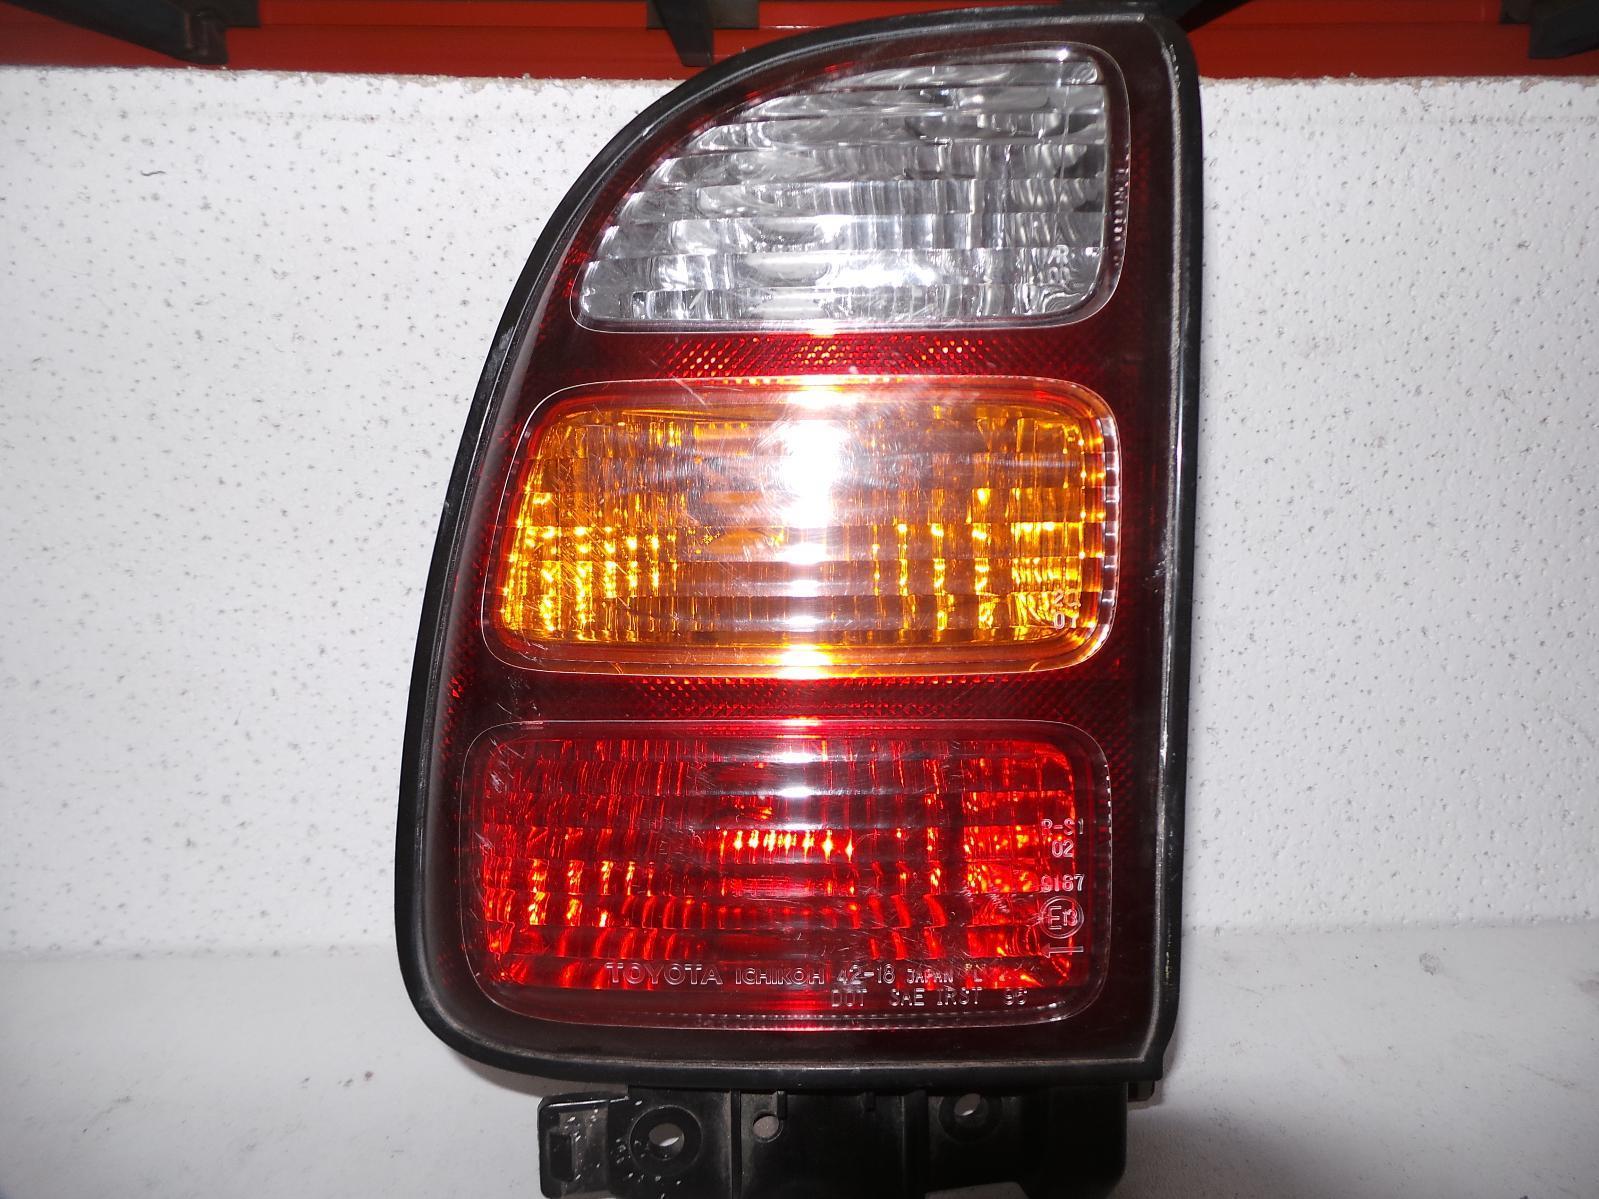 TOYOTA RAV4, Left Taillight, SXA1#R, LENS 42-18, 10/97-06/00